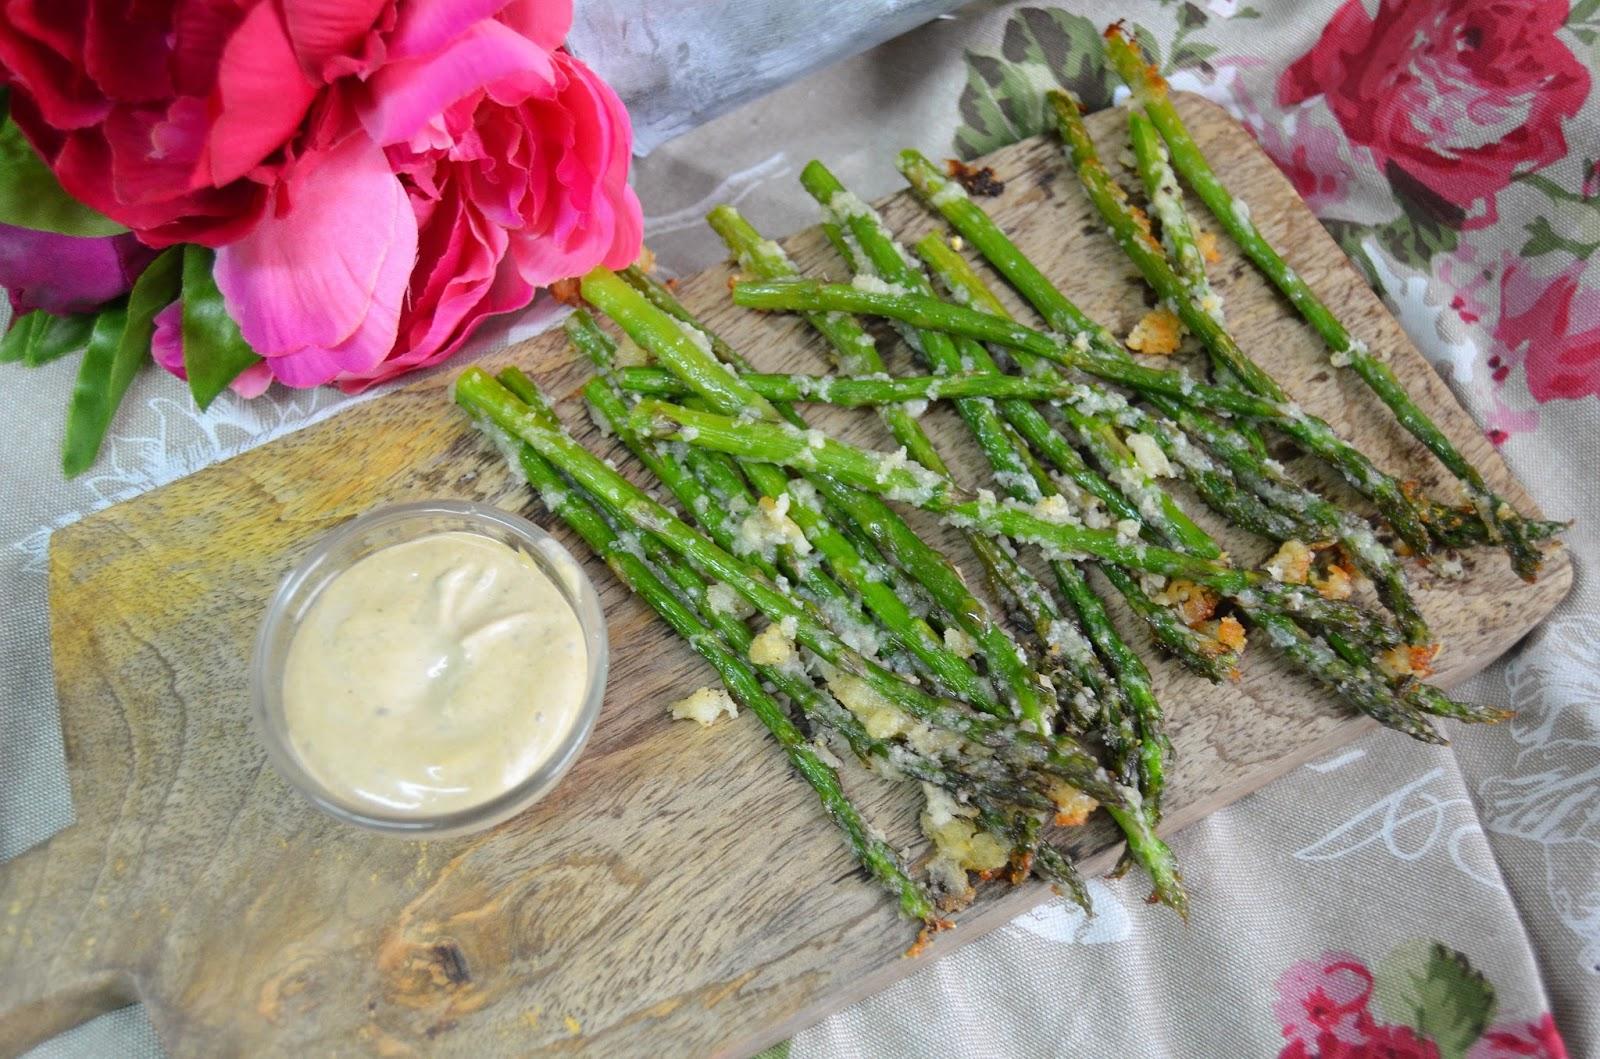 Las delicias de mayte esparragos verdes al horno for Cocinar esparragos